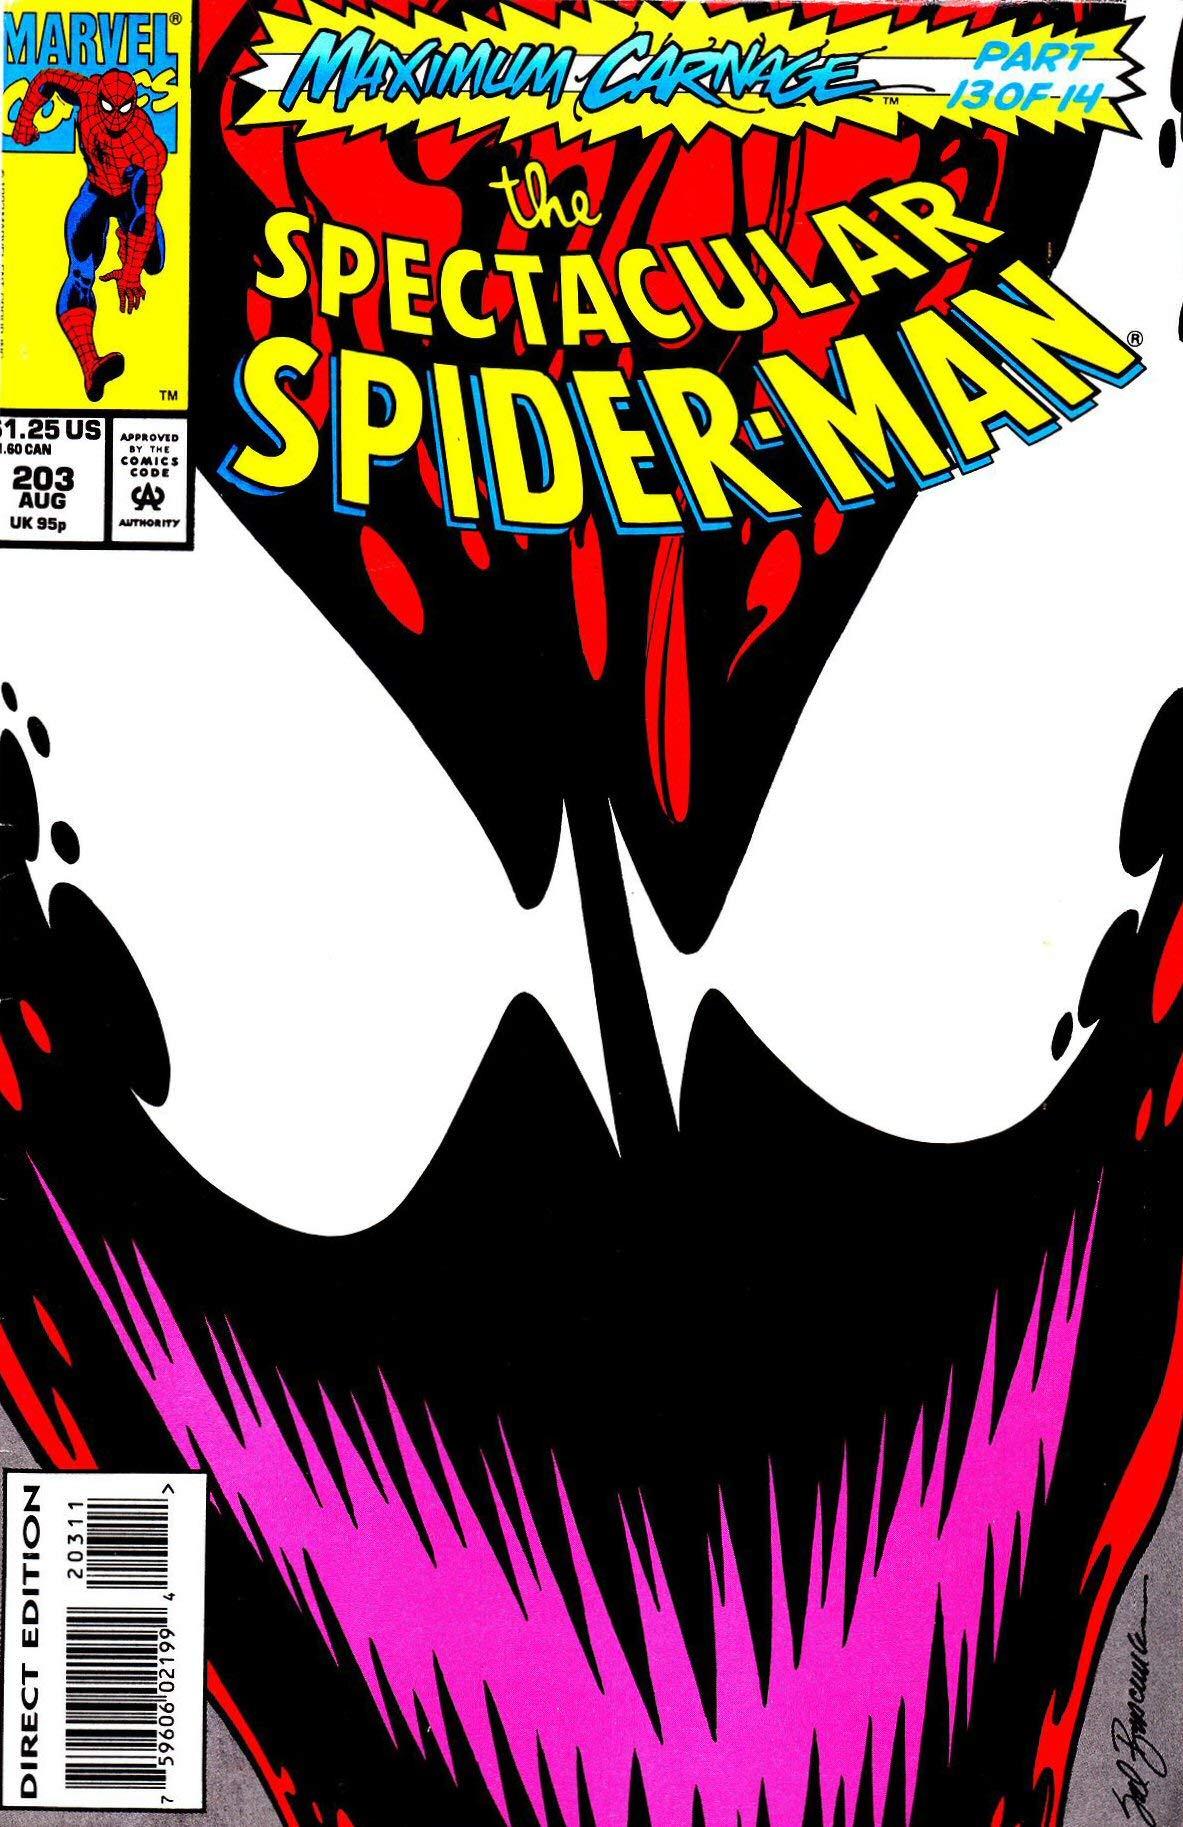 Spectacular Spider-Man #203